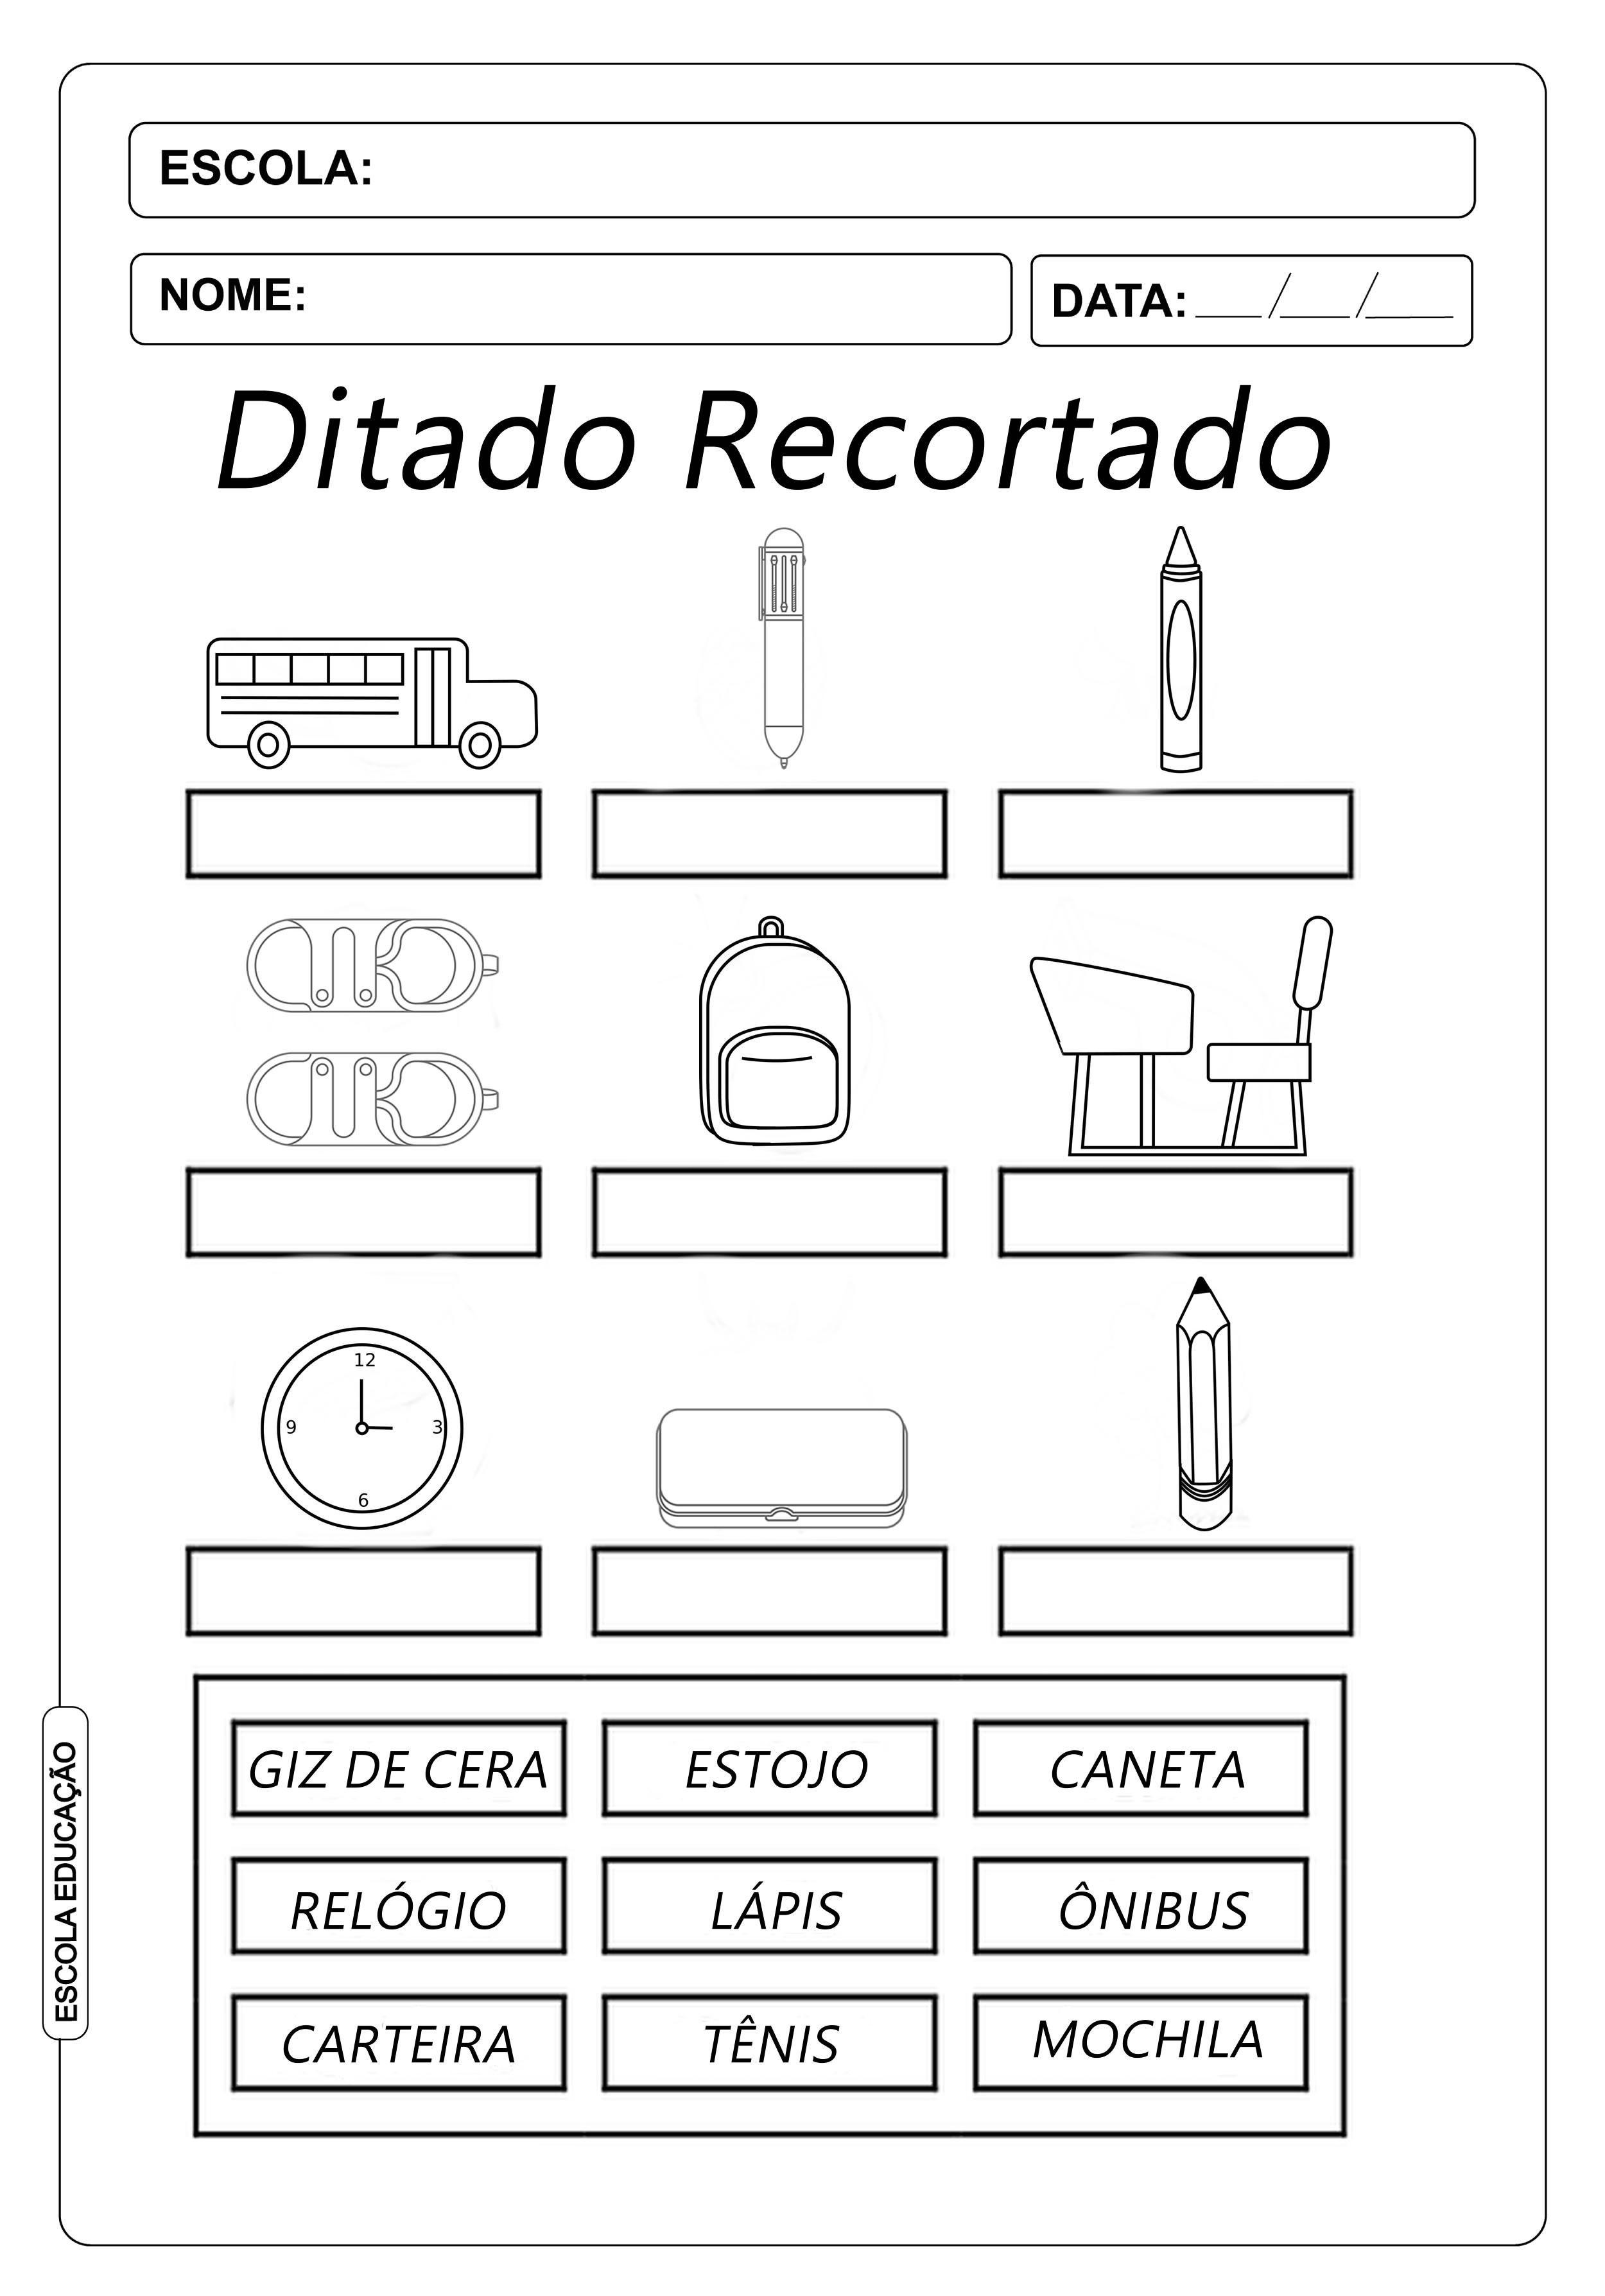 Ditado Recortado: Atividades com objetos presentes na escola